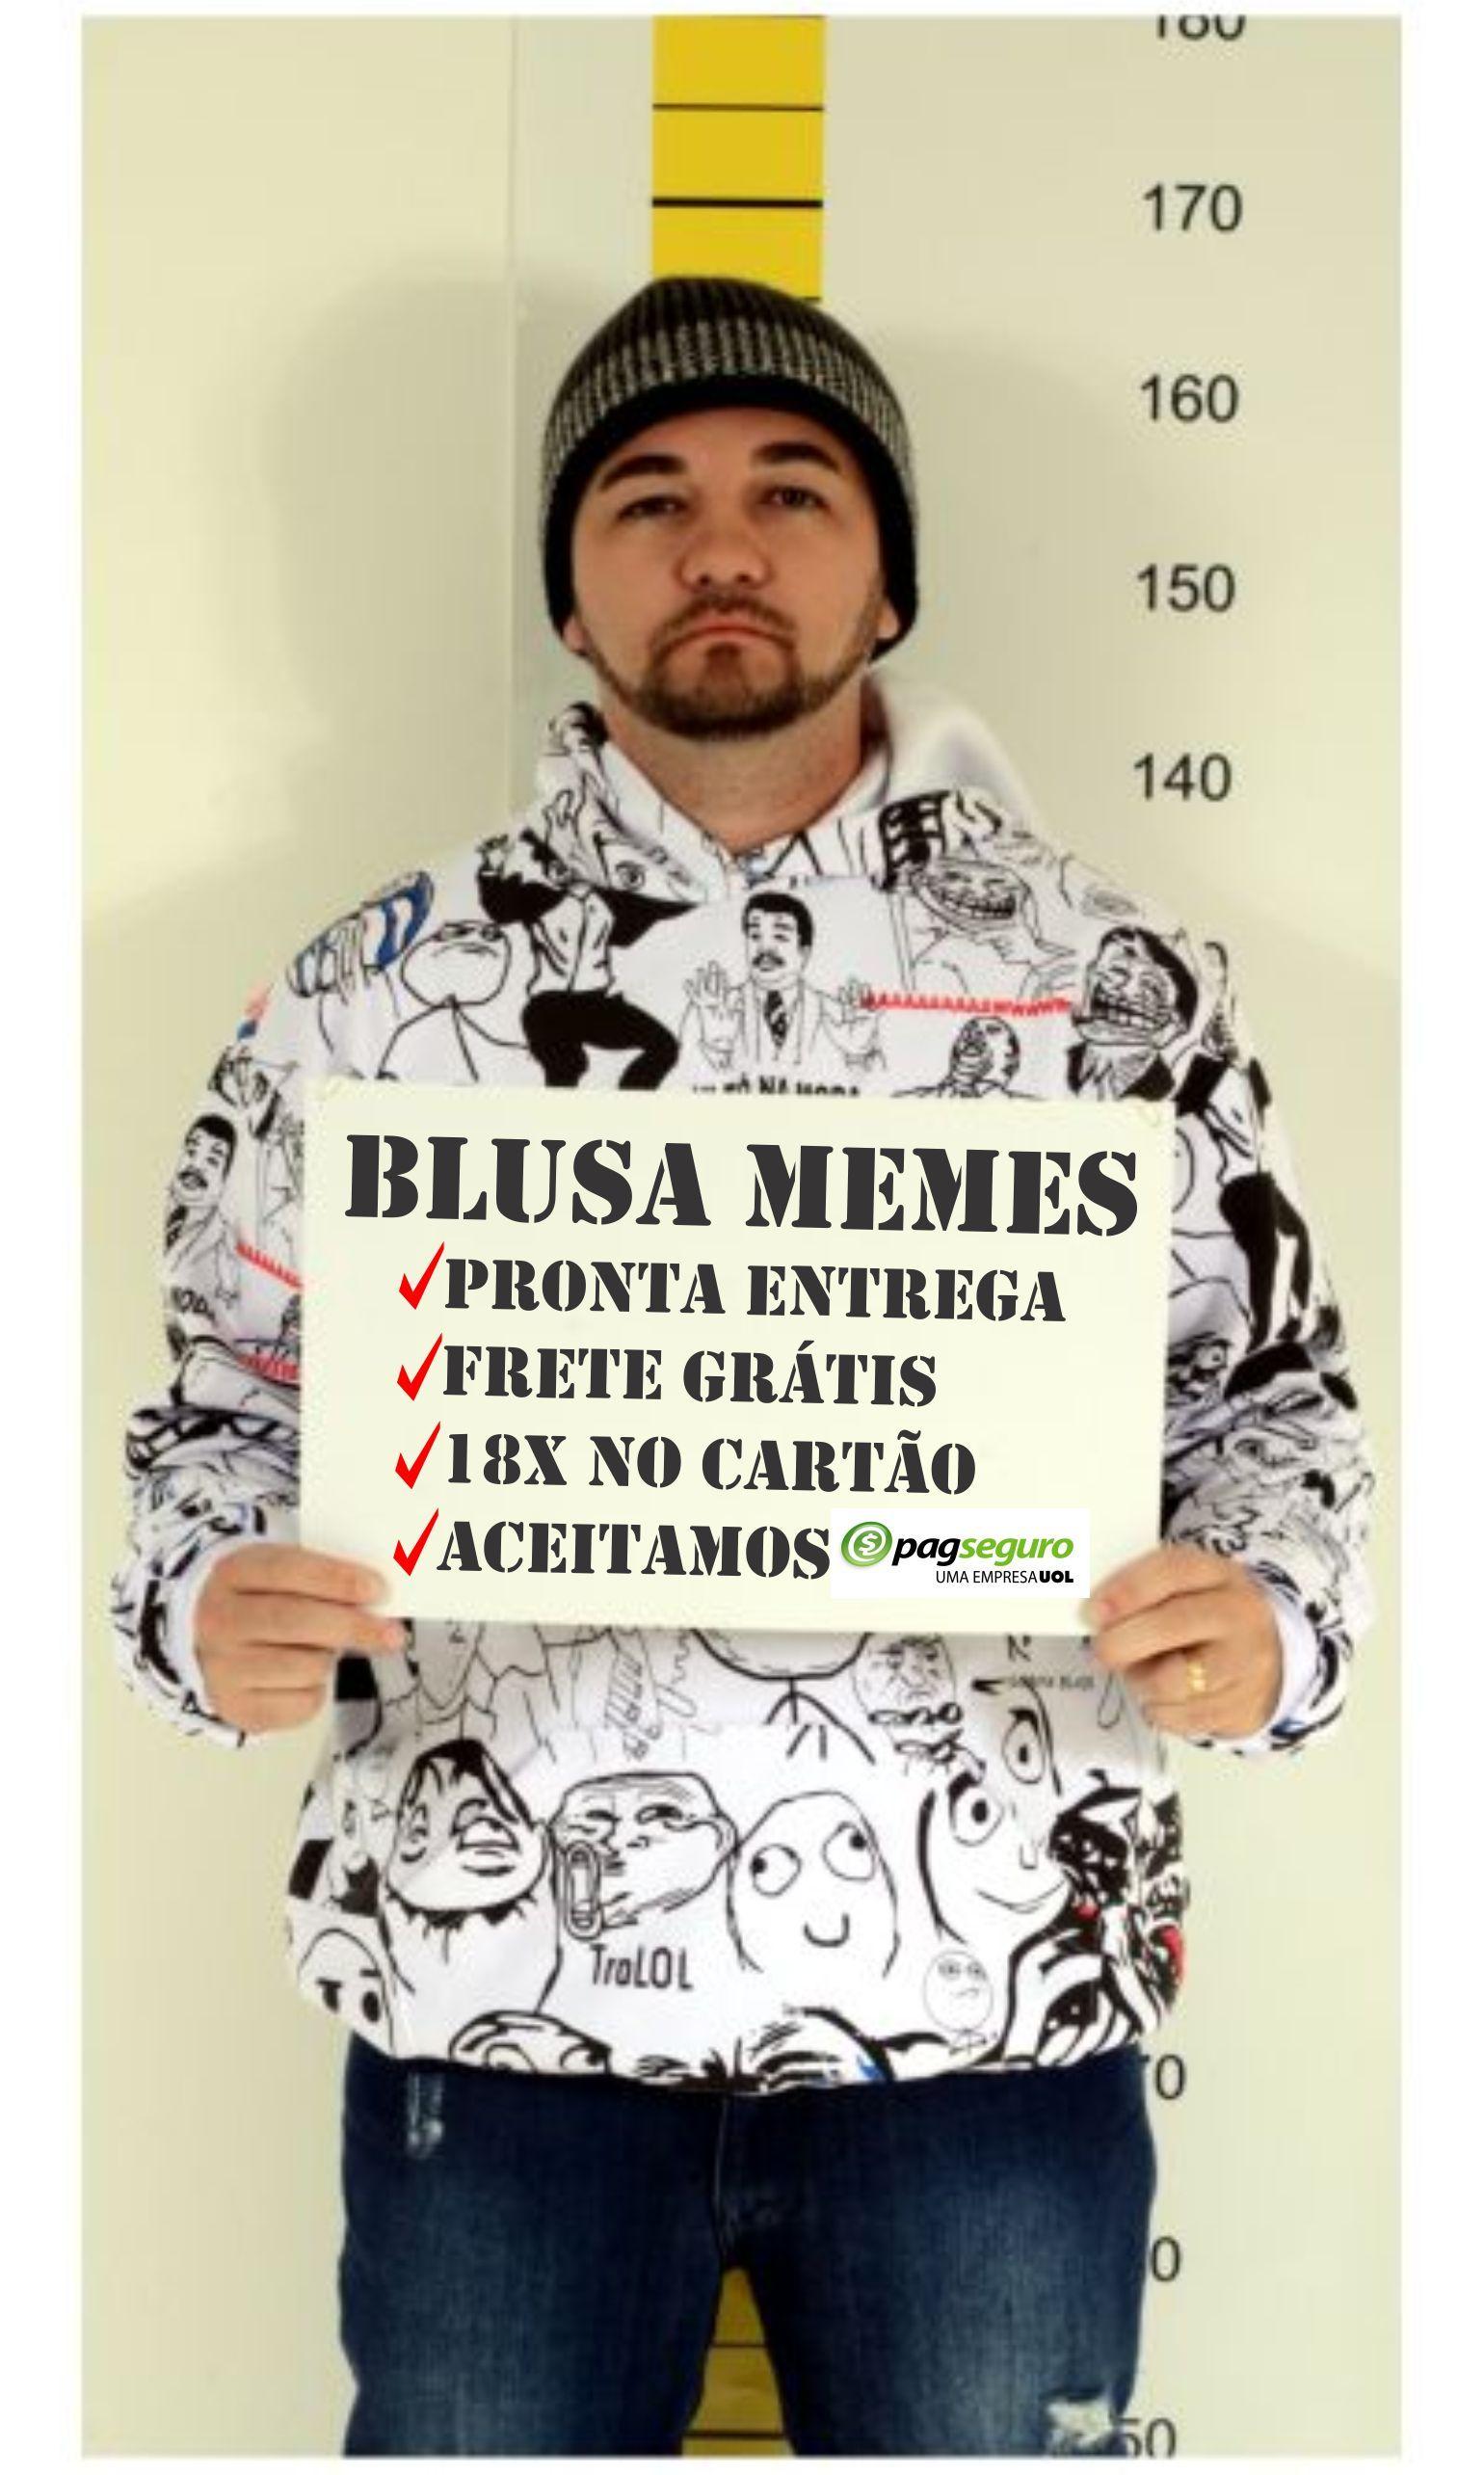 Blusa Memes  R$ 160,00 parcelamos em 18x  no cartão e com Frete Grátis, Aproveite! Enviamos para qualquer cidade do Brasil. Televendas (11) 2626-6838  http://www.camisetasdahora.com/p-19-210-3680/Blusa-Memes